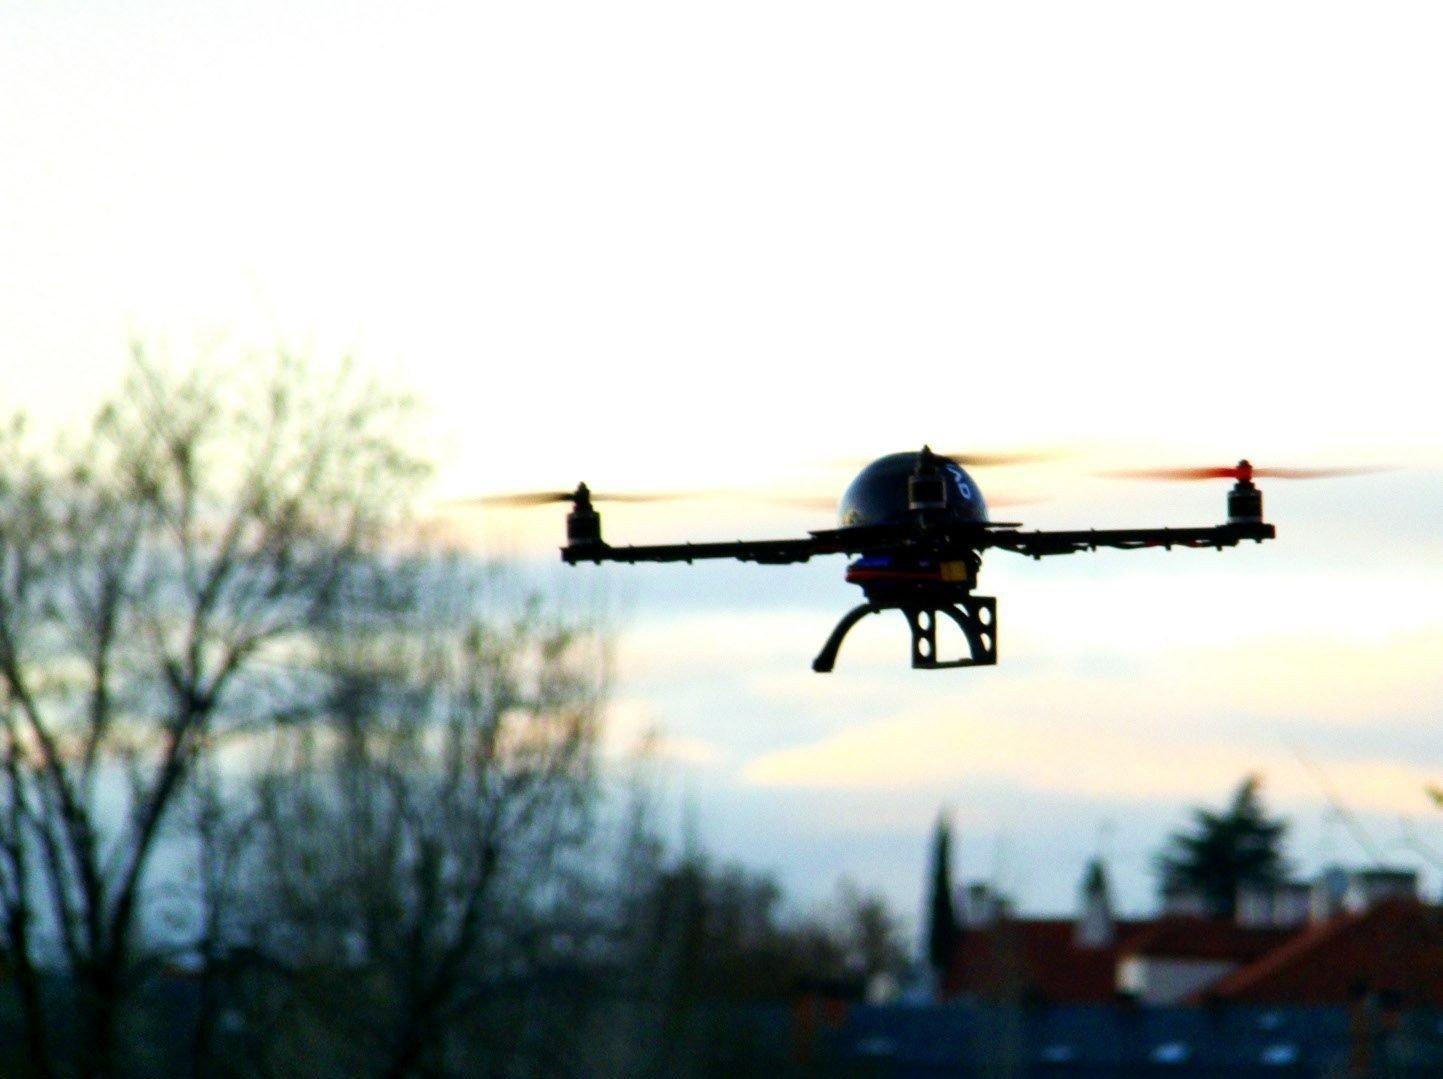 GIRER OPP: Selskaper som Facebook og Amazon girer opp sin dronesatsing, sistnevnte sier de ser for seg varelevering med droner.